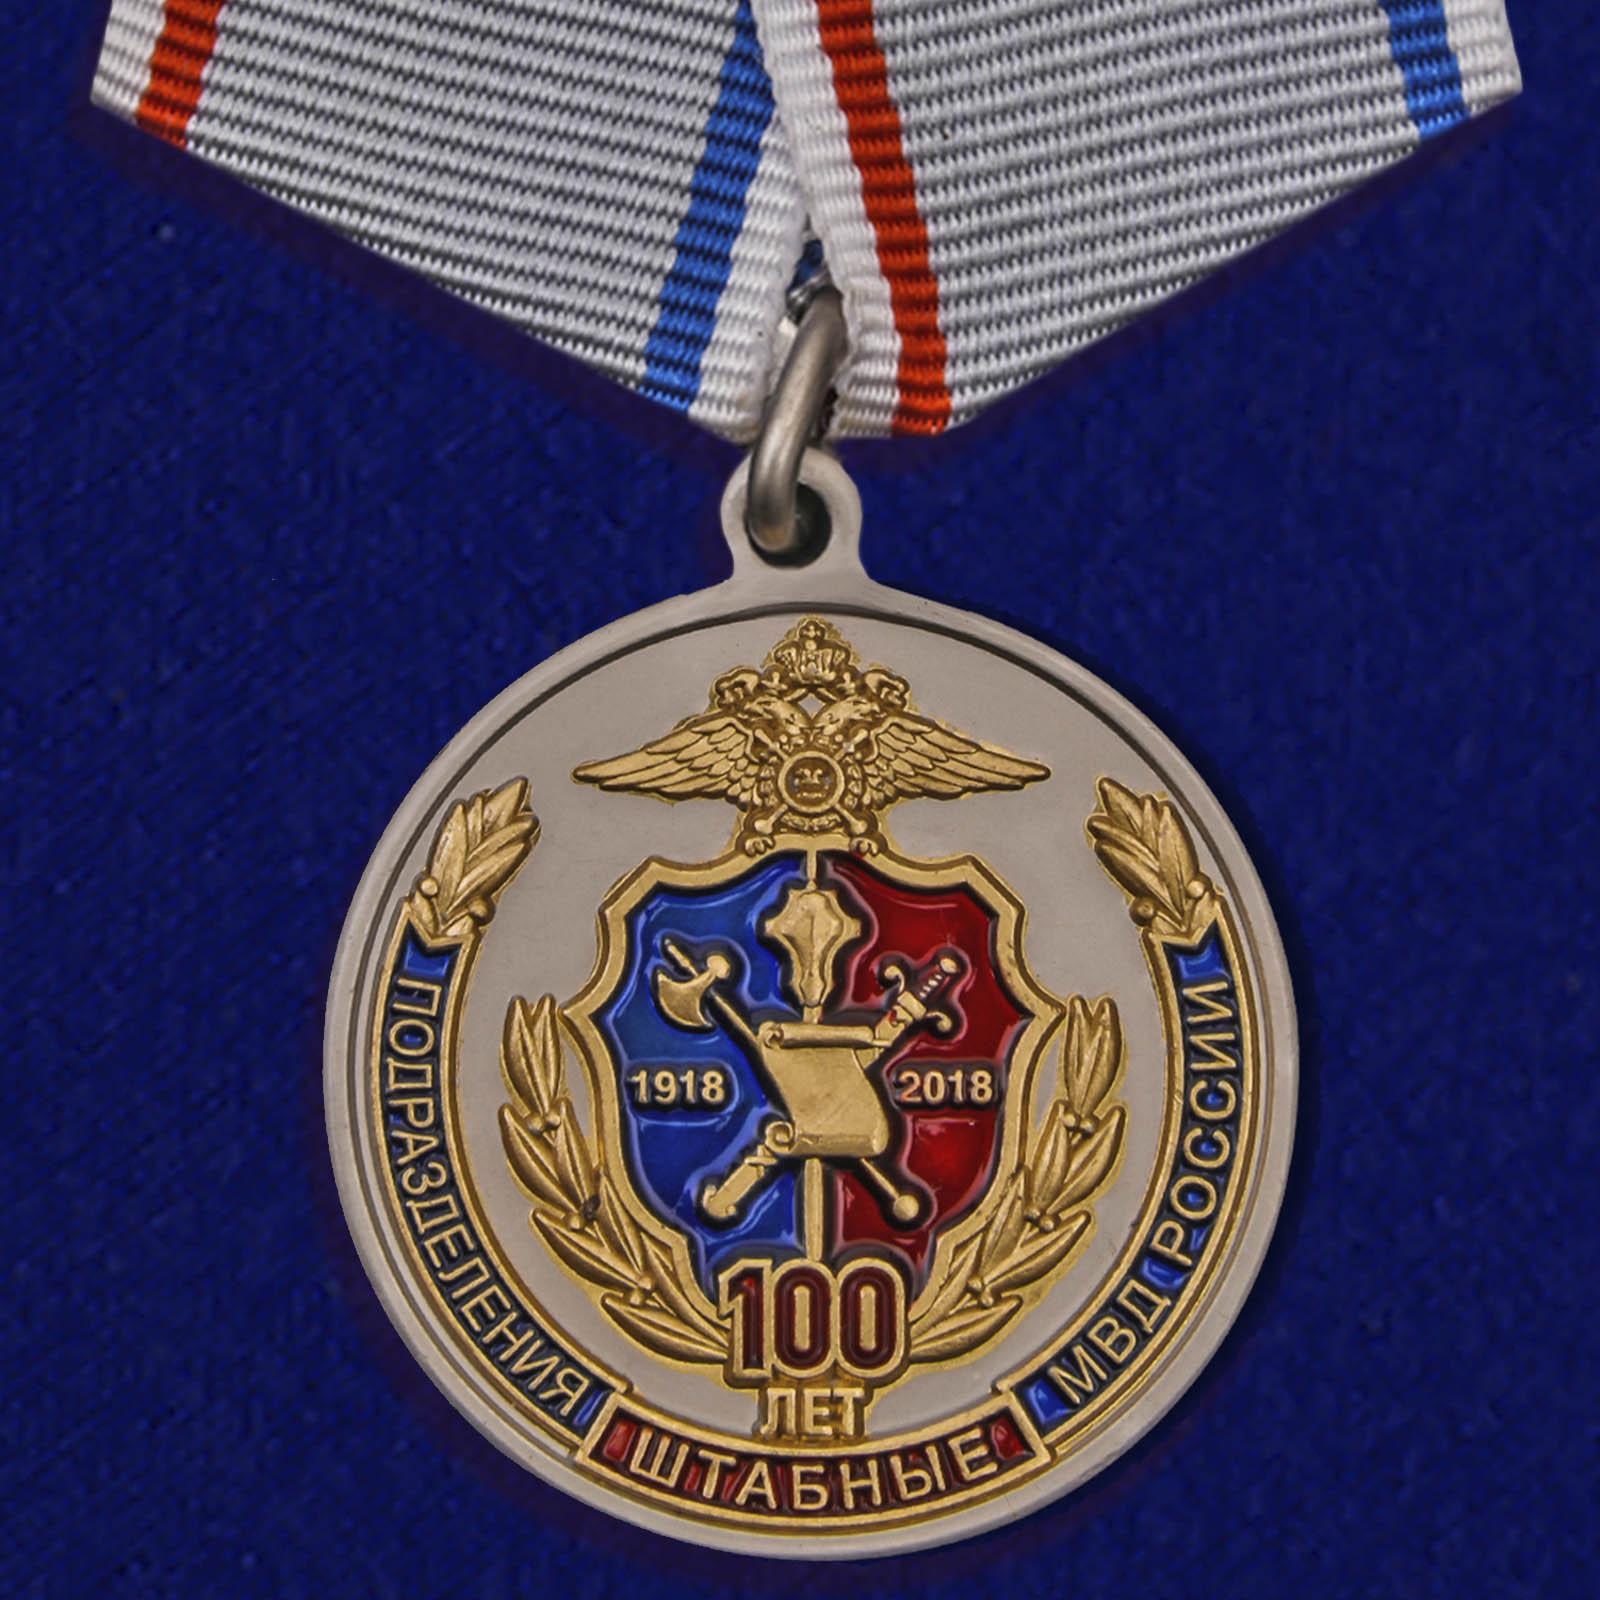 """Медаль """"100 лет Штабным подразделениям МВД России"""""""